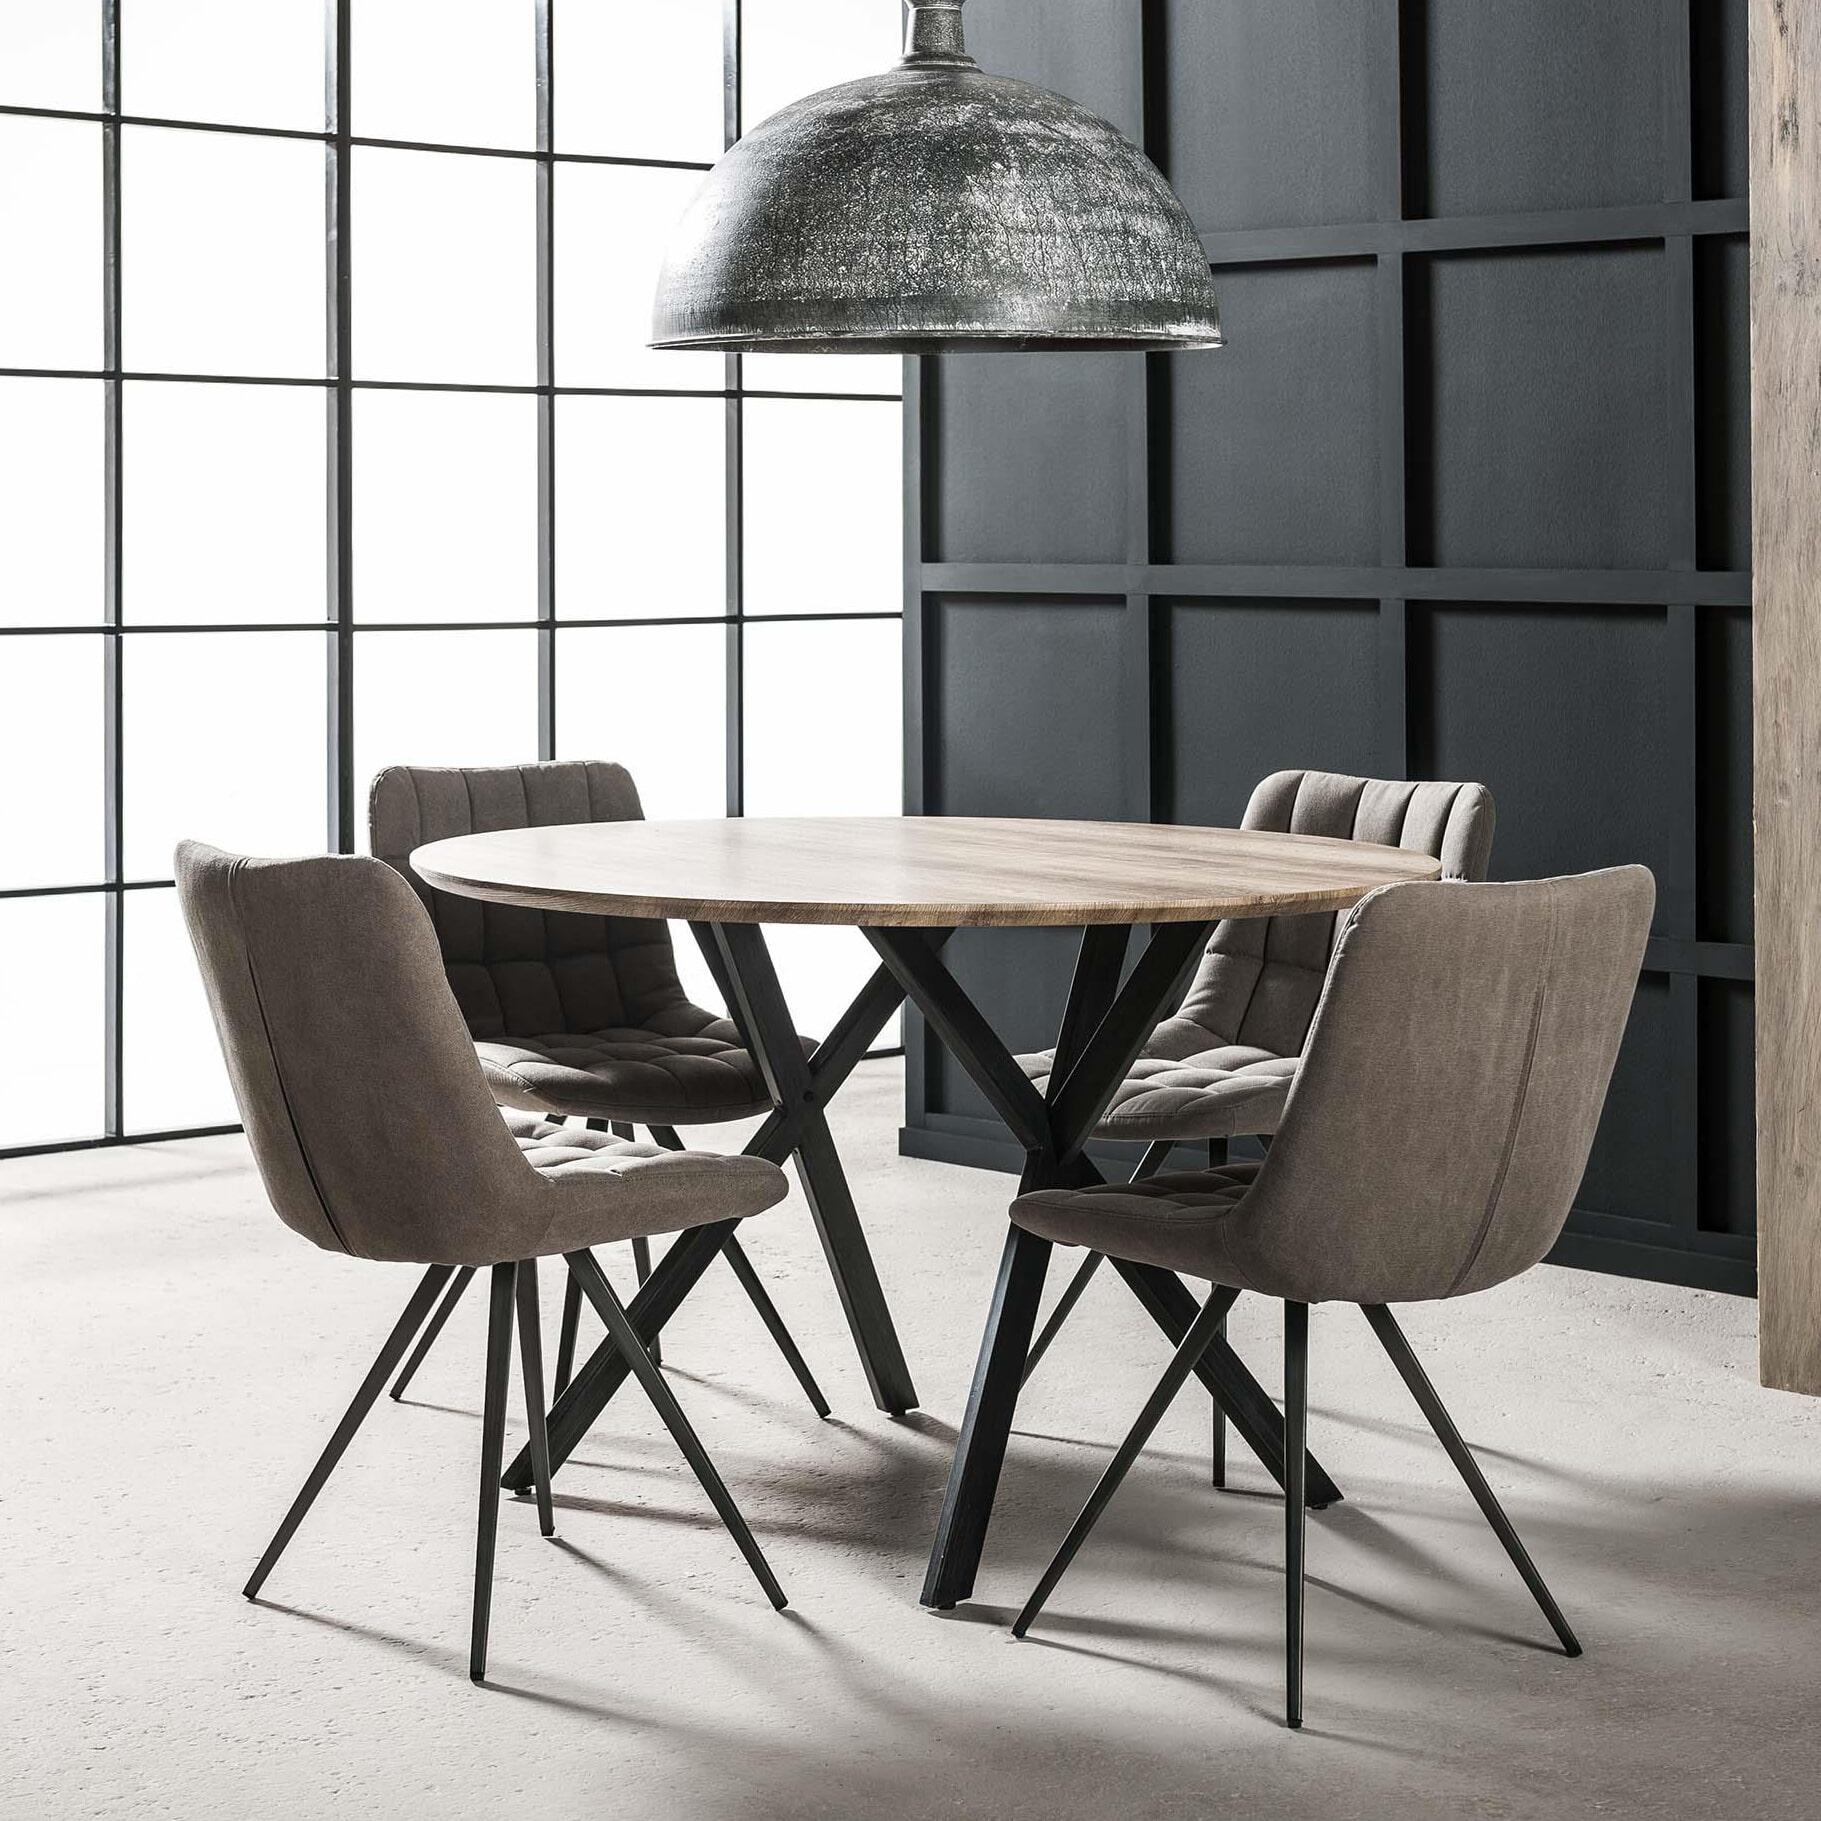 Ronde eettafel 'Nola' MDF 120cm, kleur 3D Eikenlook Tafels | Eettafels vergelijken doe je het voordeligst hier bij Meubelpartner